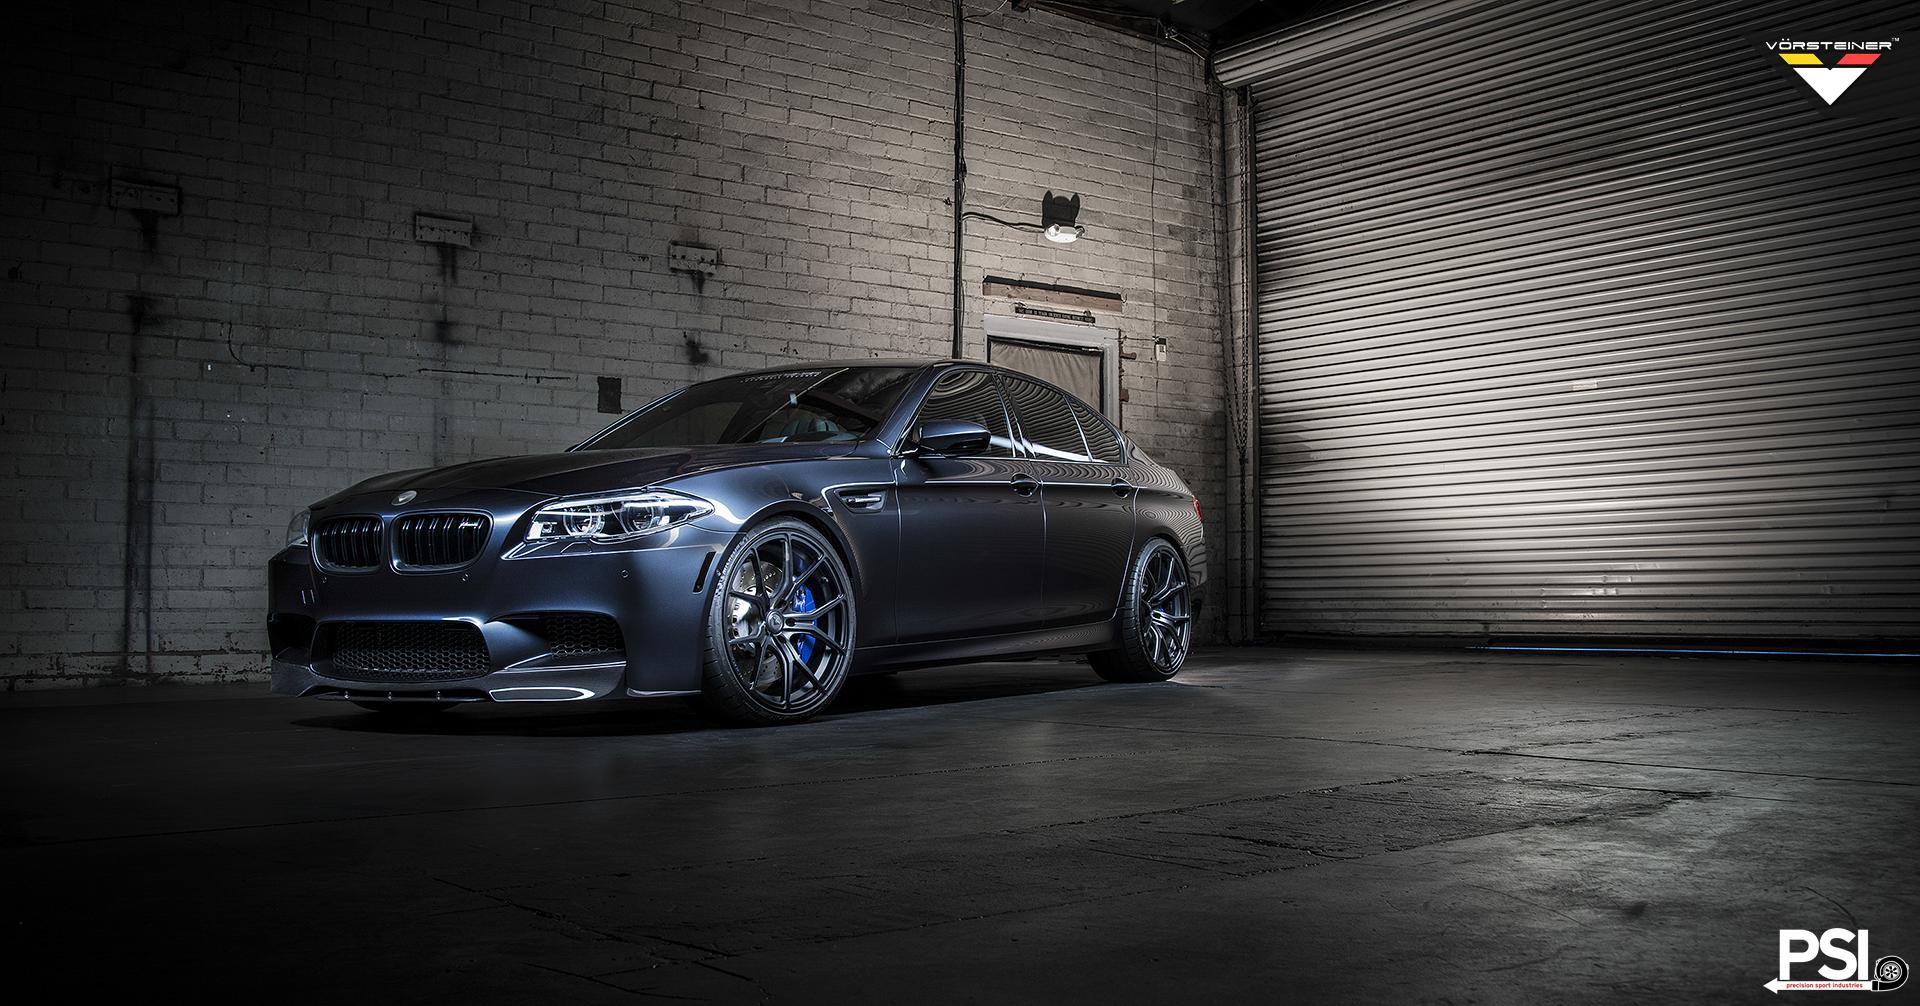 Vorsteiner_BMW_F10M5_011